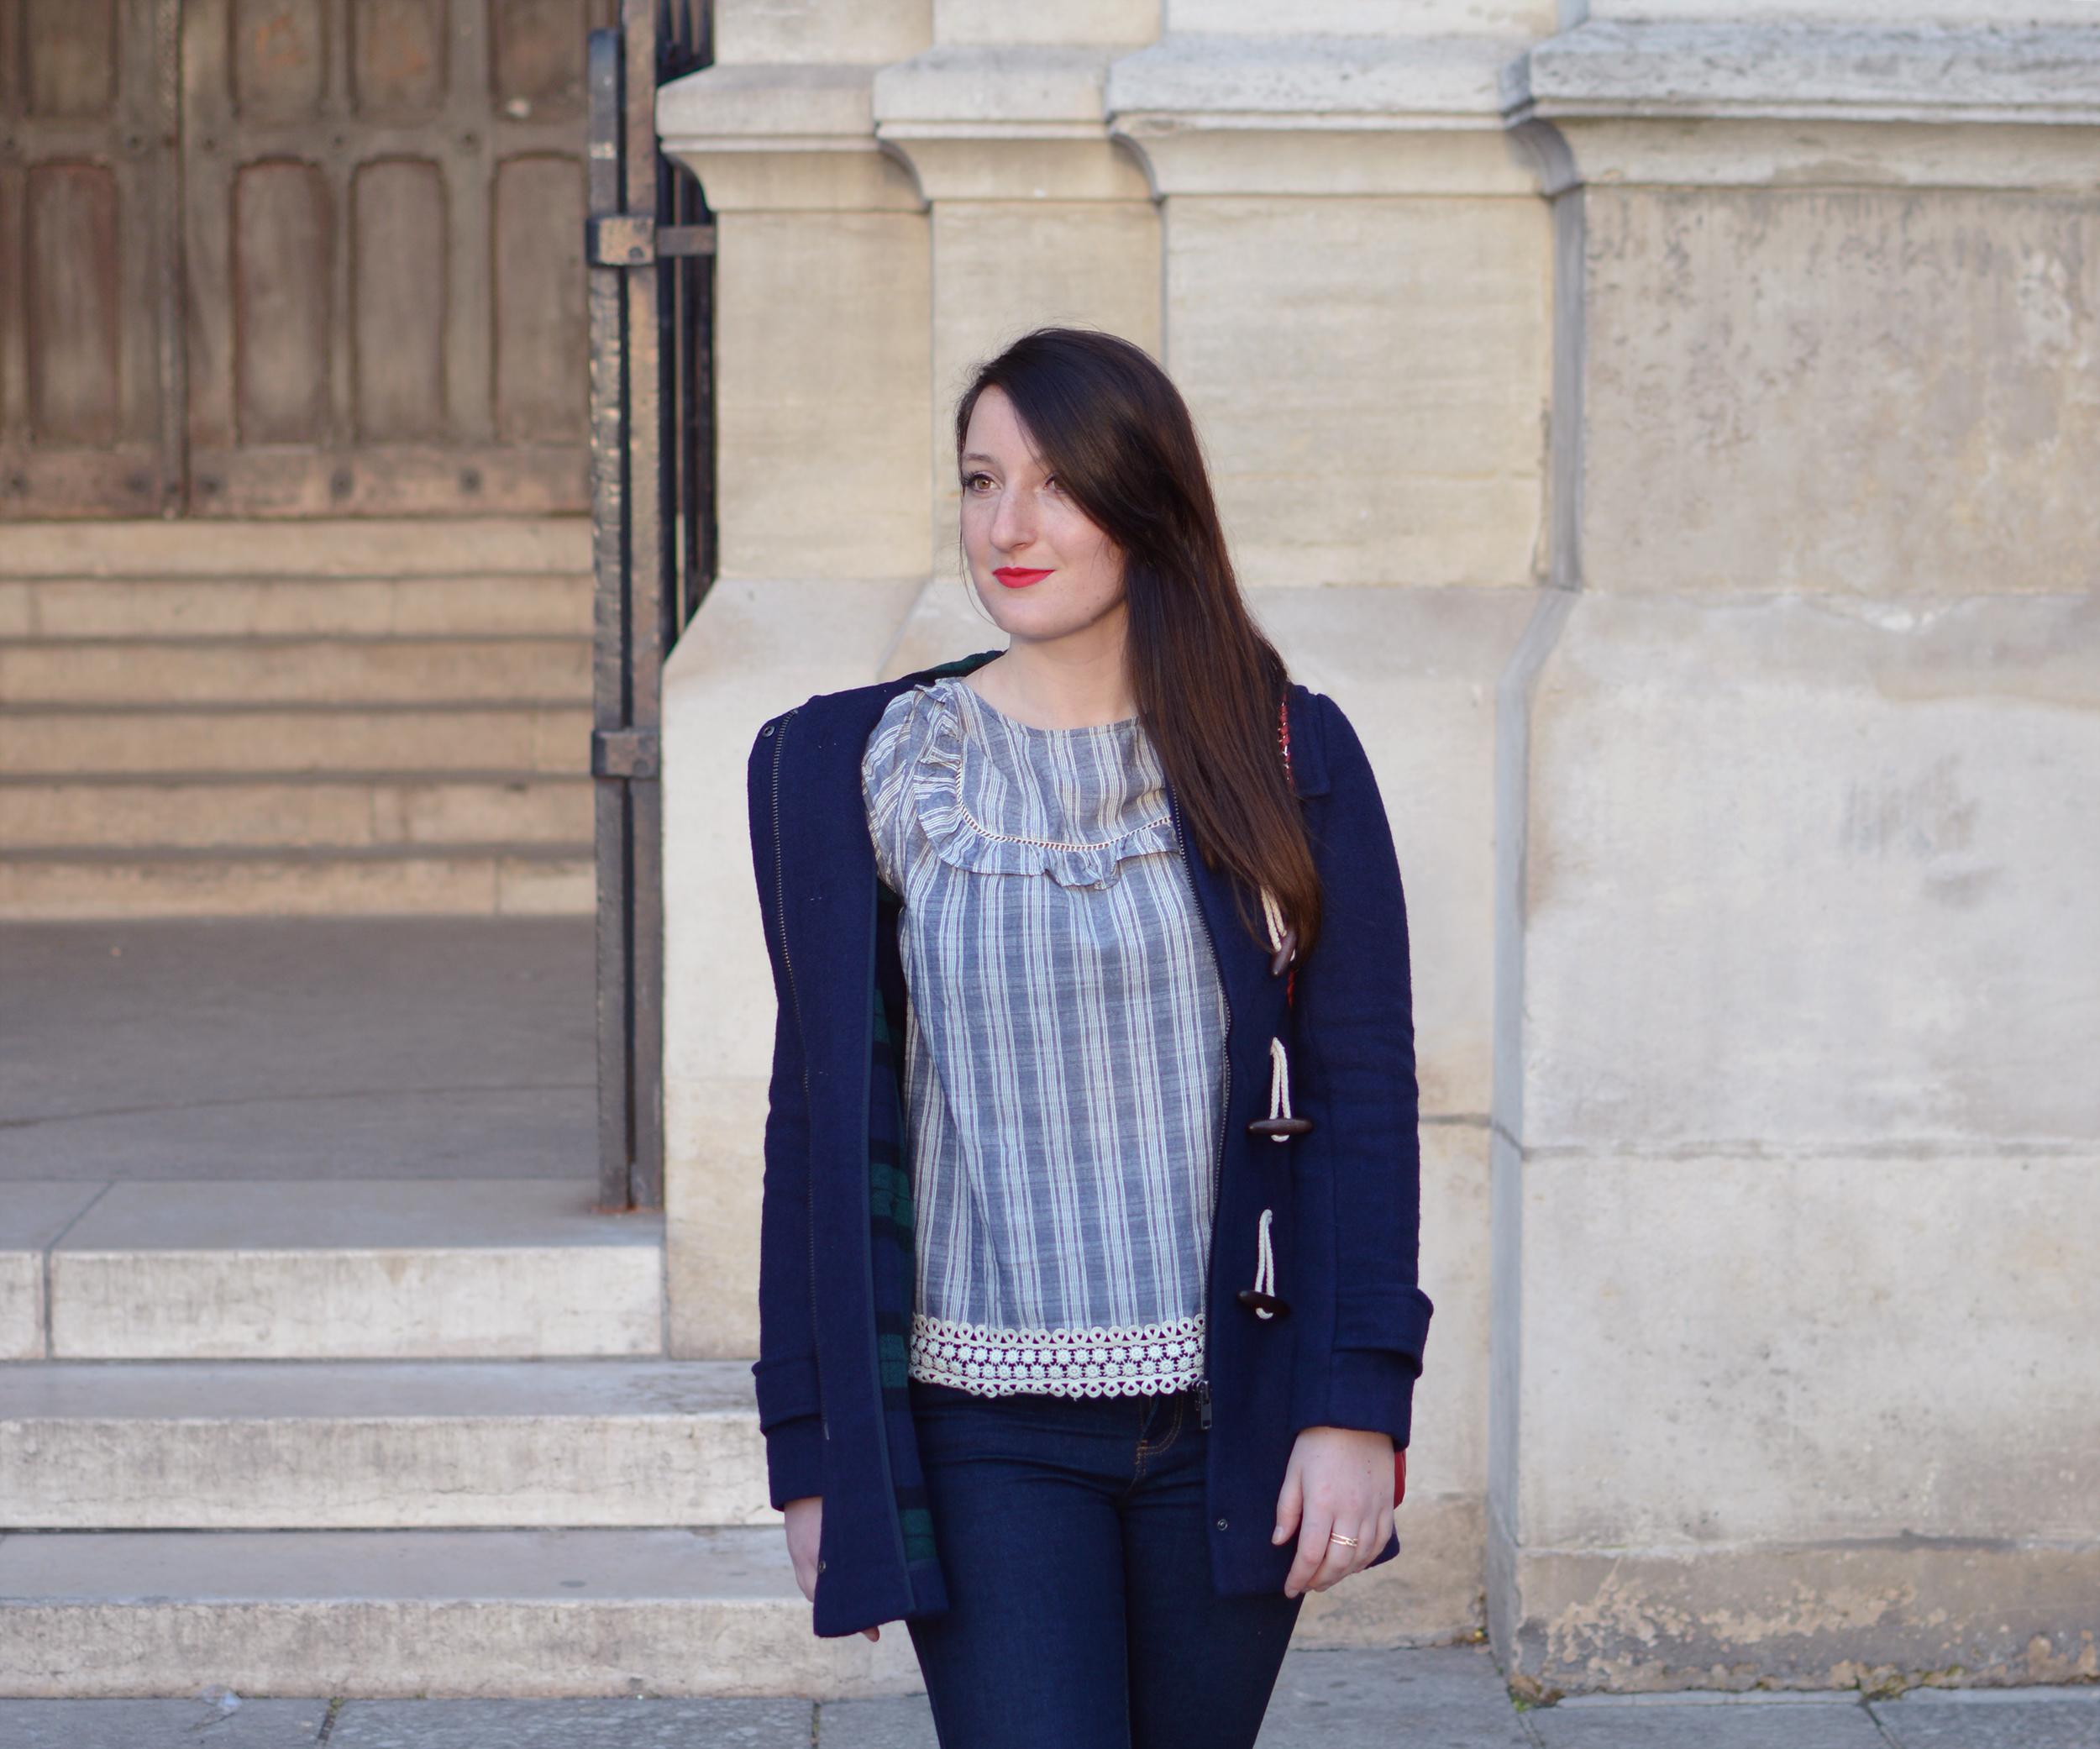 bleu-marine-bleumarine-rouge-look-sezane-dufflecoat-1